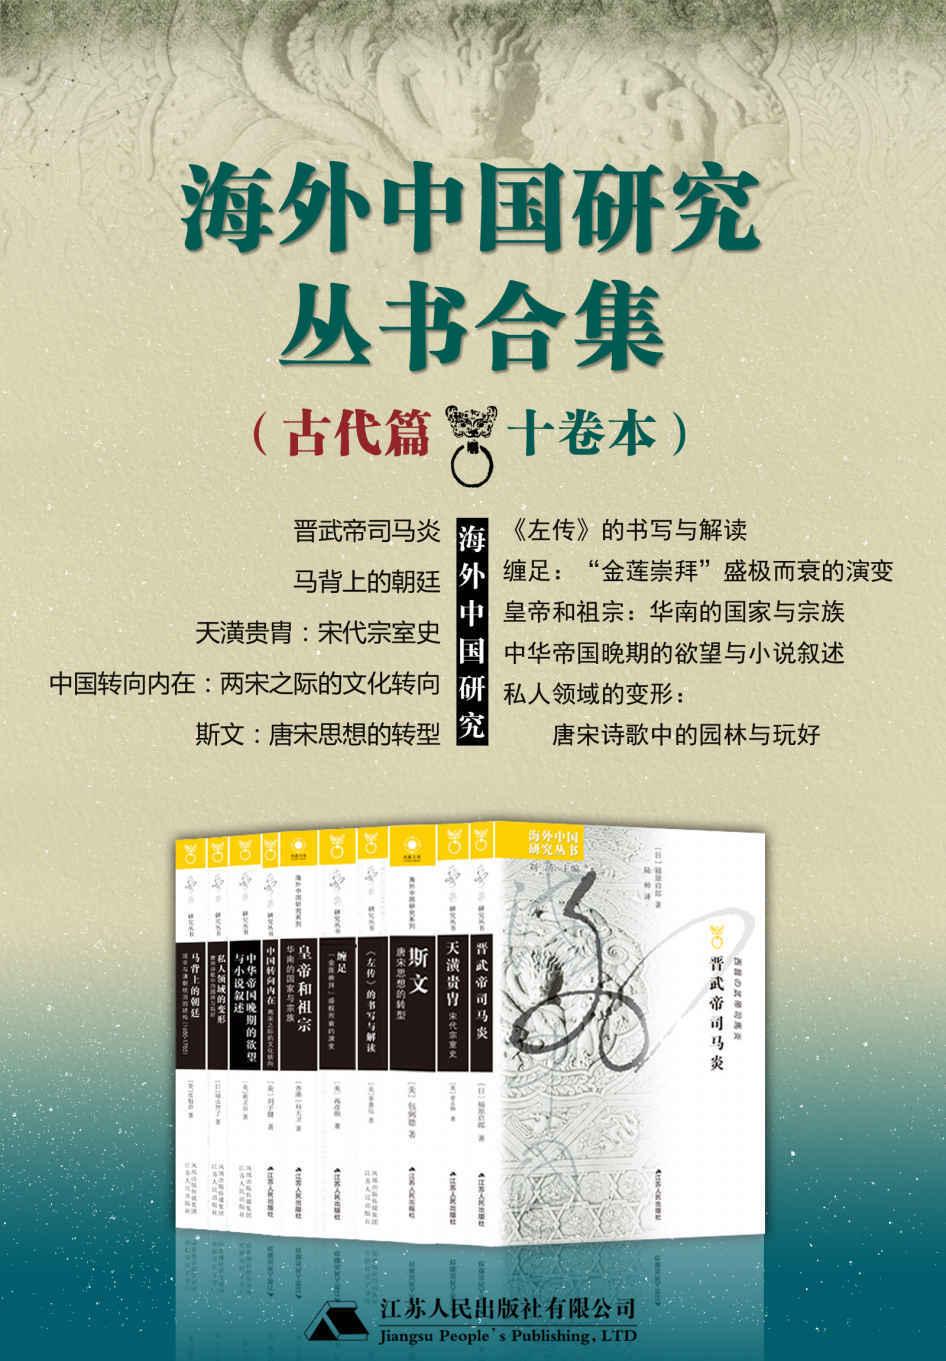 海外中国研究丛书合集——古代篇(十卷本)pdf-epub-mobi-txt-azw3